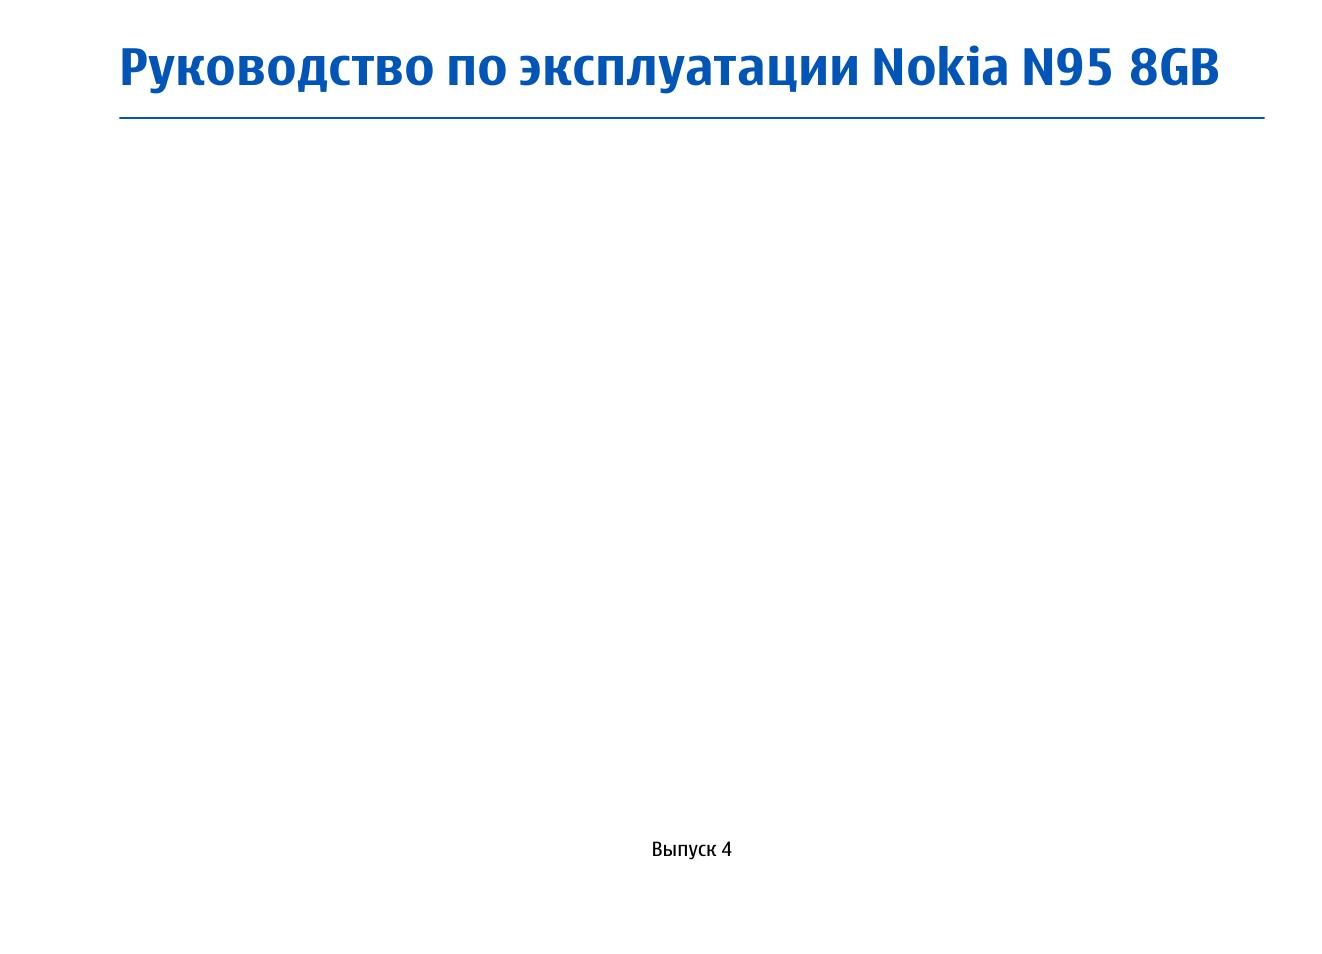 Инструкция по эксплуатации nokia 95